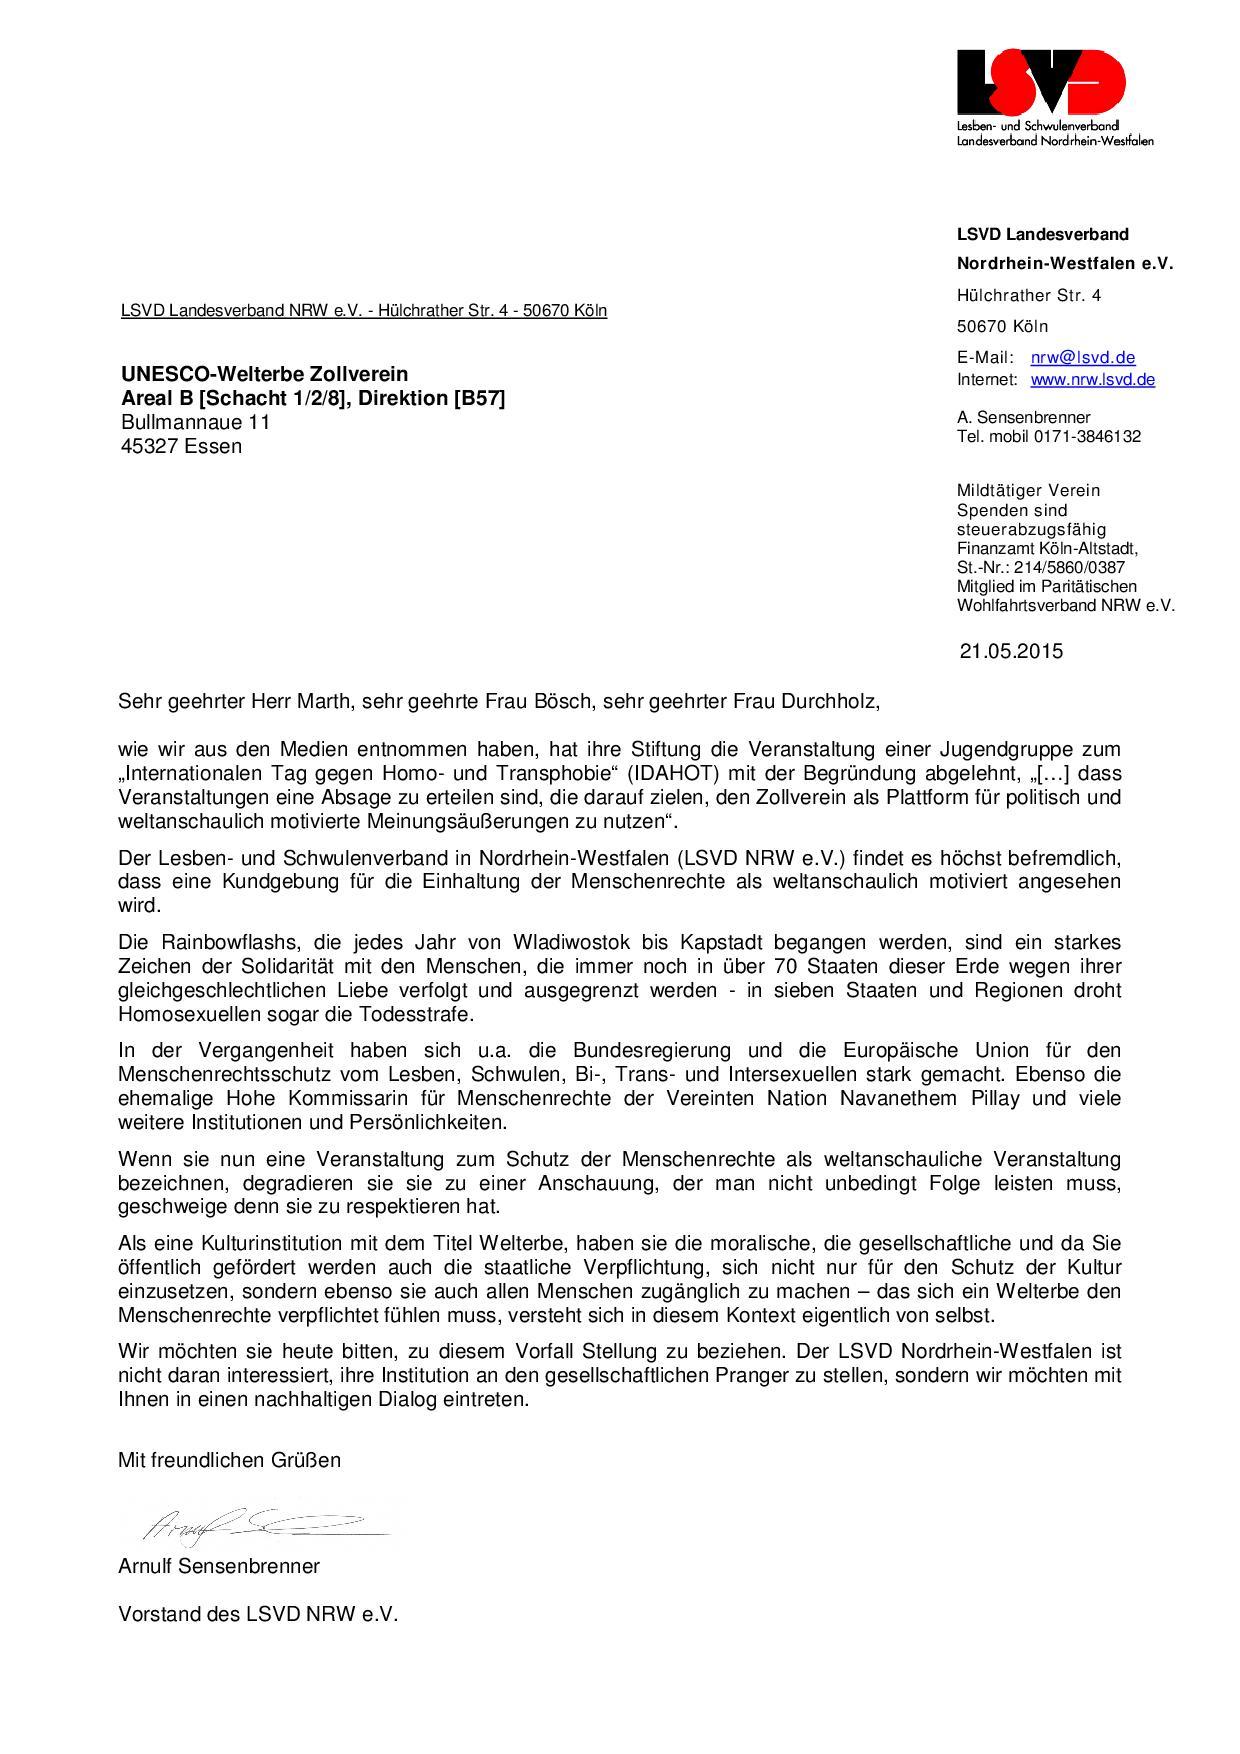 2015-05-21 LSVD NRW Zollverein